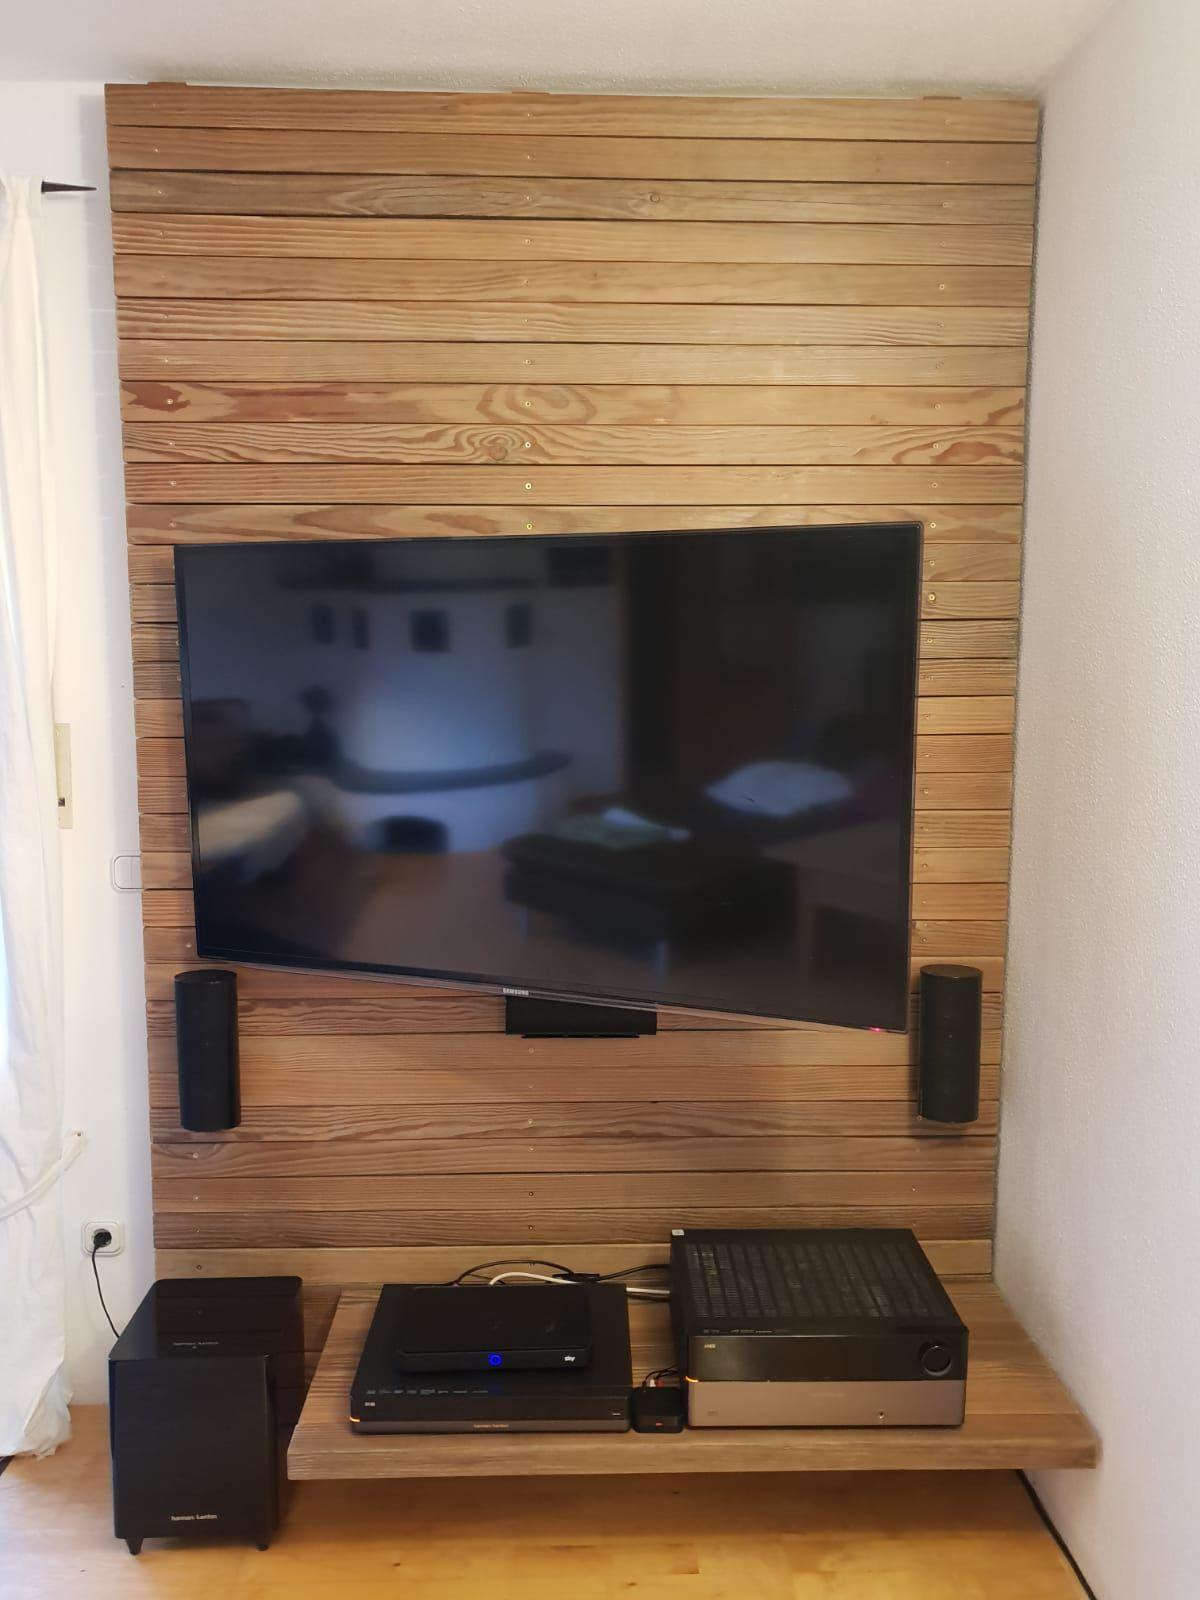 Tv Wand Fernsehwand Holzverkleidung Aus Altholz Fernsehwand Tv Wand Tv Wand Ideen